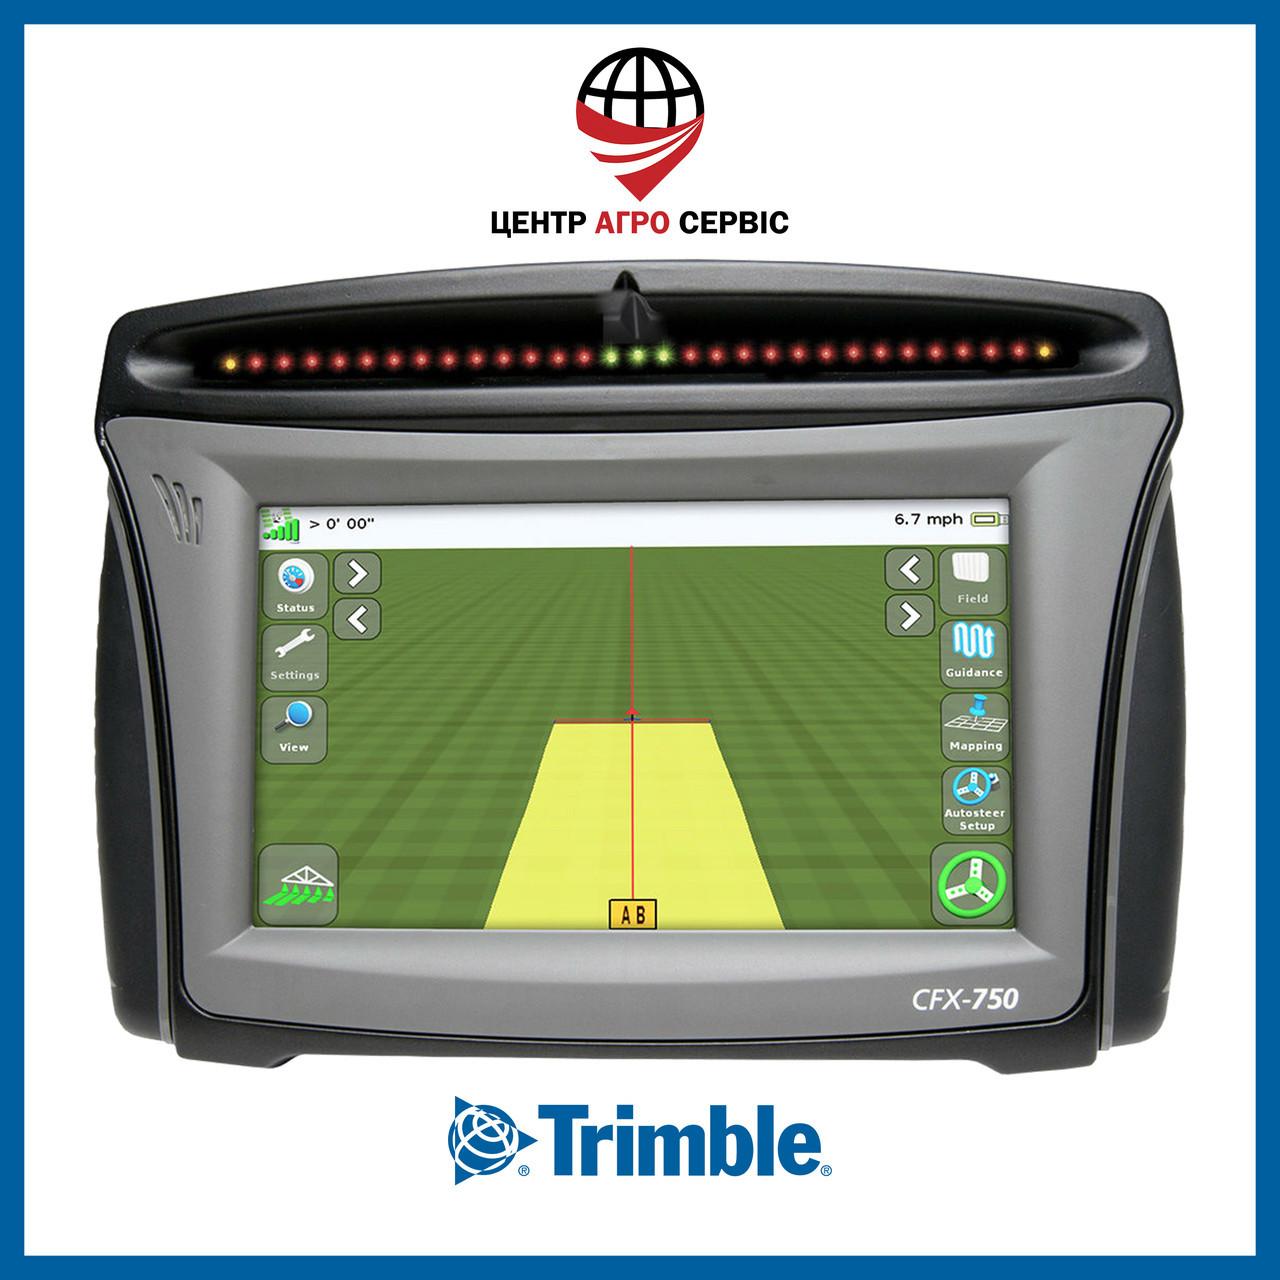 Курсоуказатель для трактора Trimble  CFX 750 Lite (GPS и ГЛОНАСС)